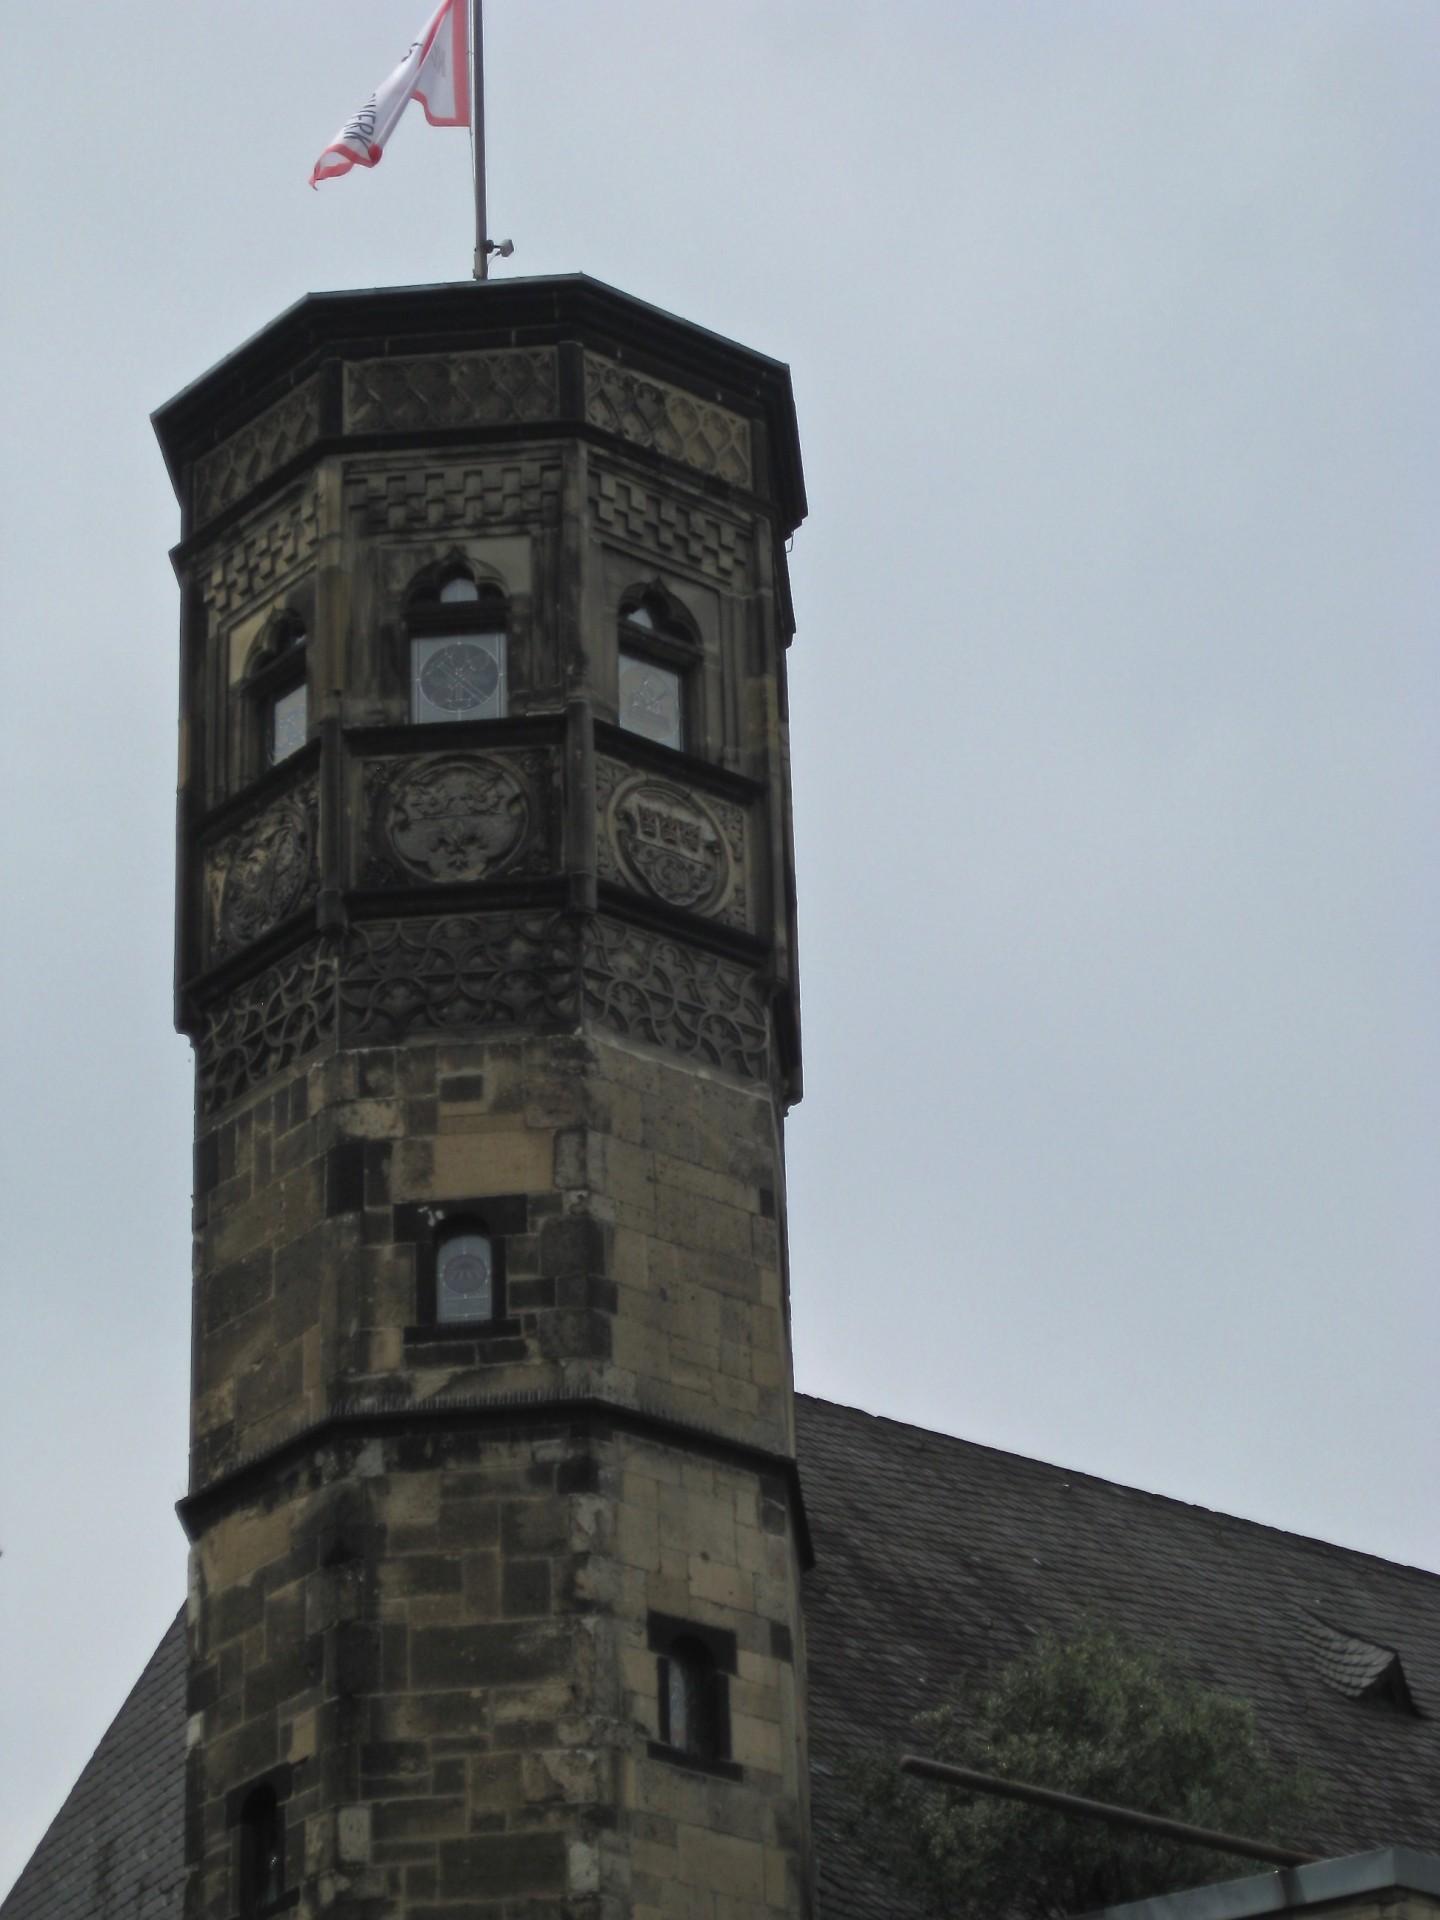 Türme sind viele in Köln, habe ich den vom vom Zeughaus fotografiert?